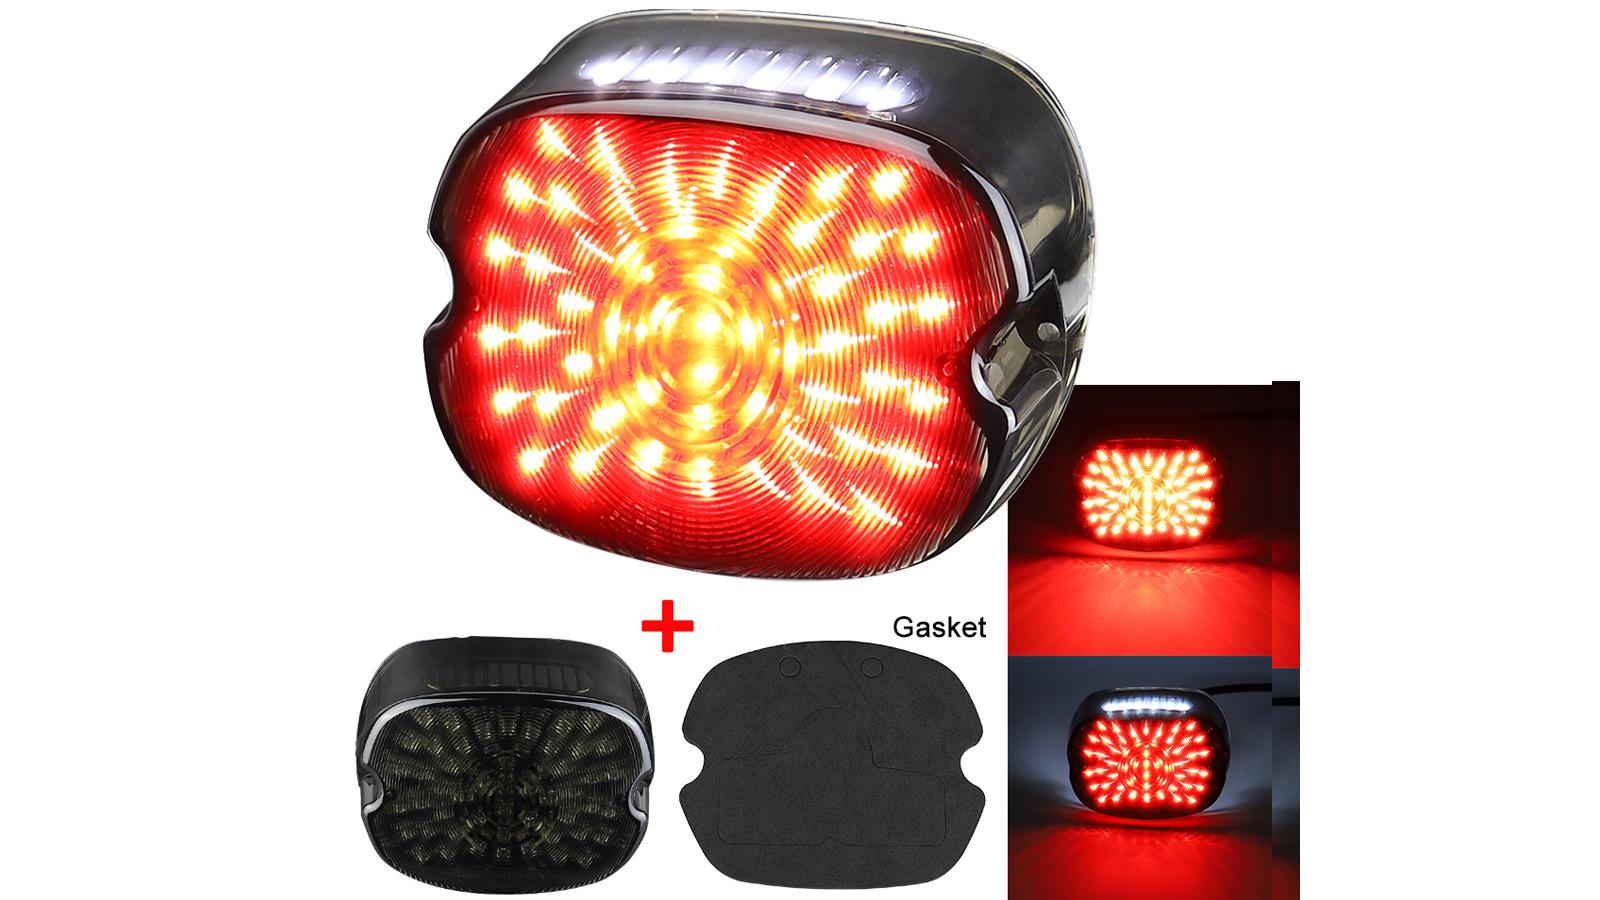 LED الذيل ضوء الفرامل الصمام تشغيل المصابيح الخلفية المصابيح الخلفية متوافقة مع هارلي - قوانغتشو أوكما كهروضوئية CO ،. المحدودة